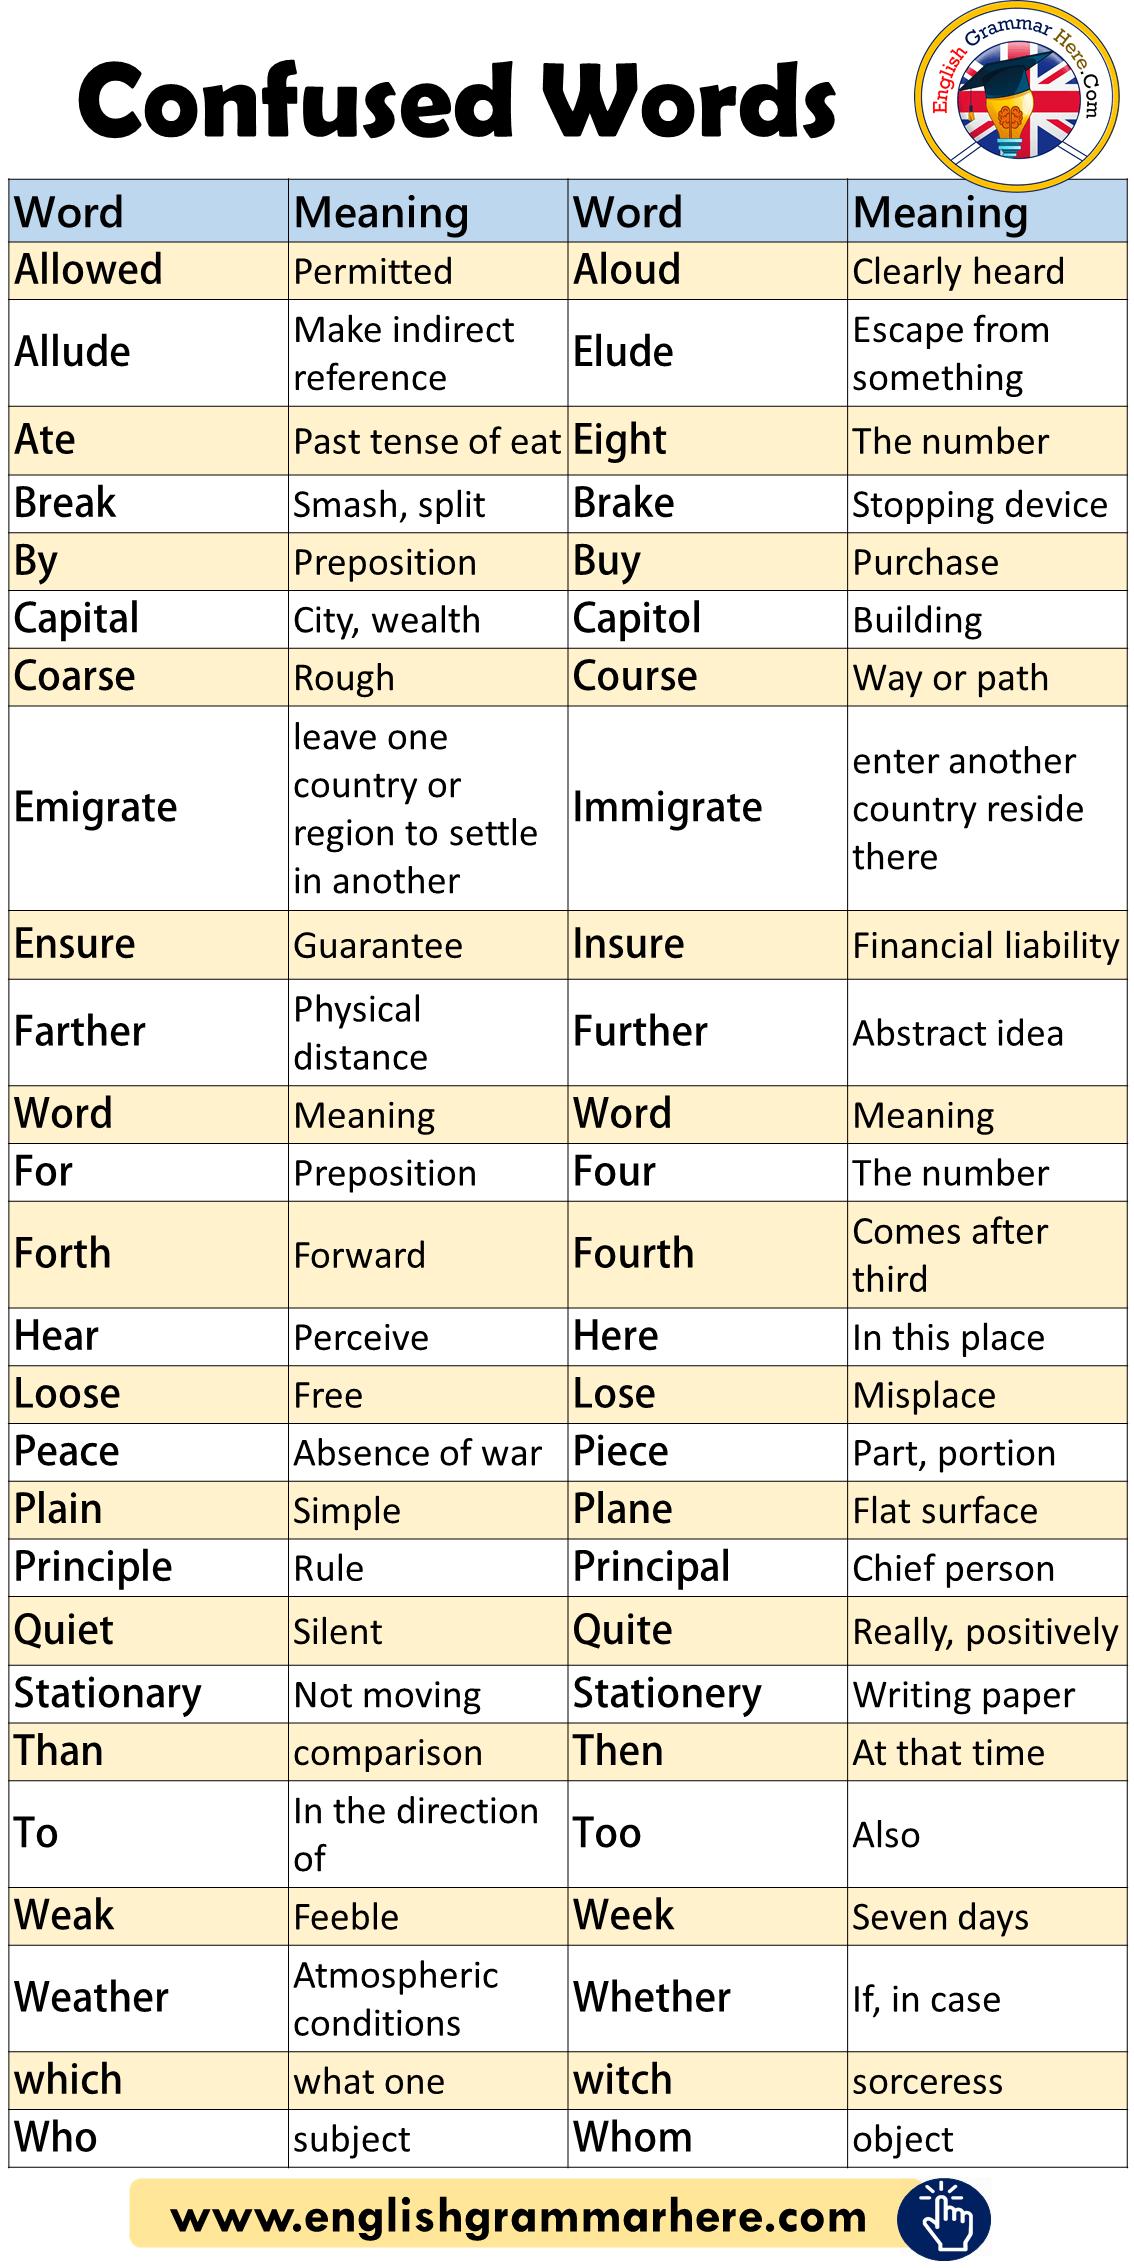 Photo of Liste und Bedeutung der verwirrten Wörter – englische Grammatik hier – #bedeutu…